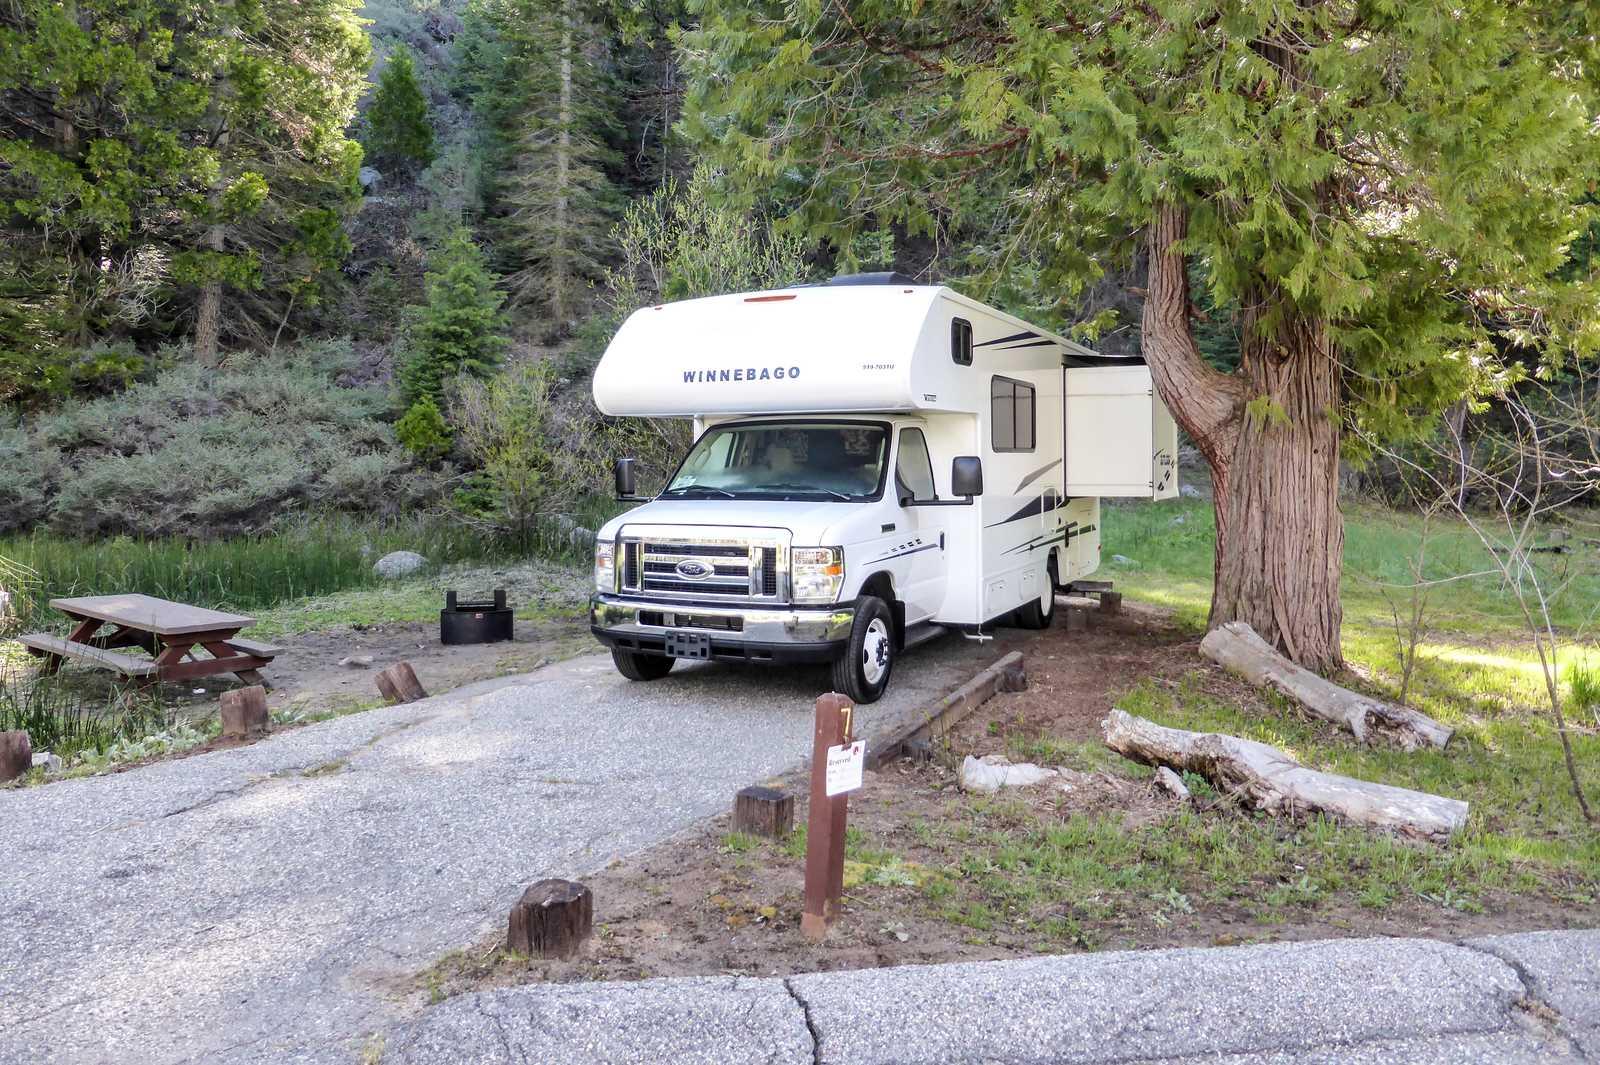 Mit dem Wohnmobil auf dem Summerdale Campground in Kalifornien